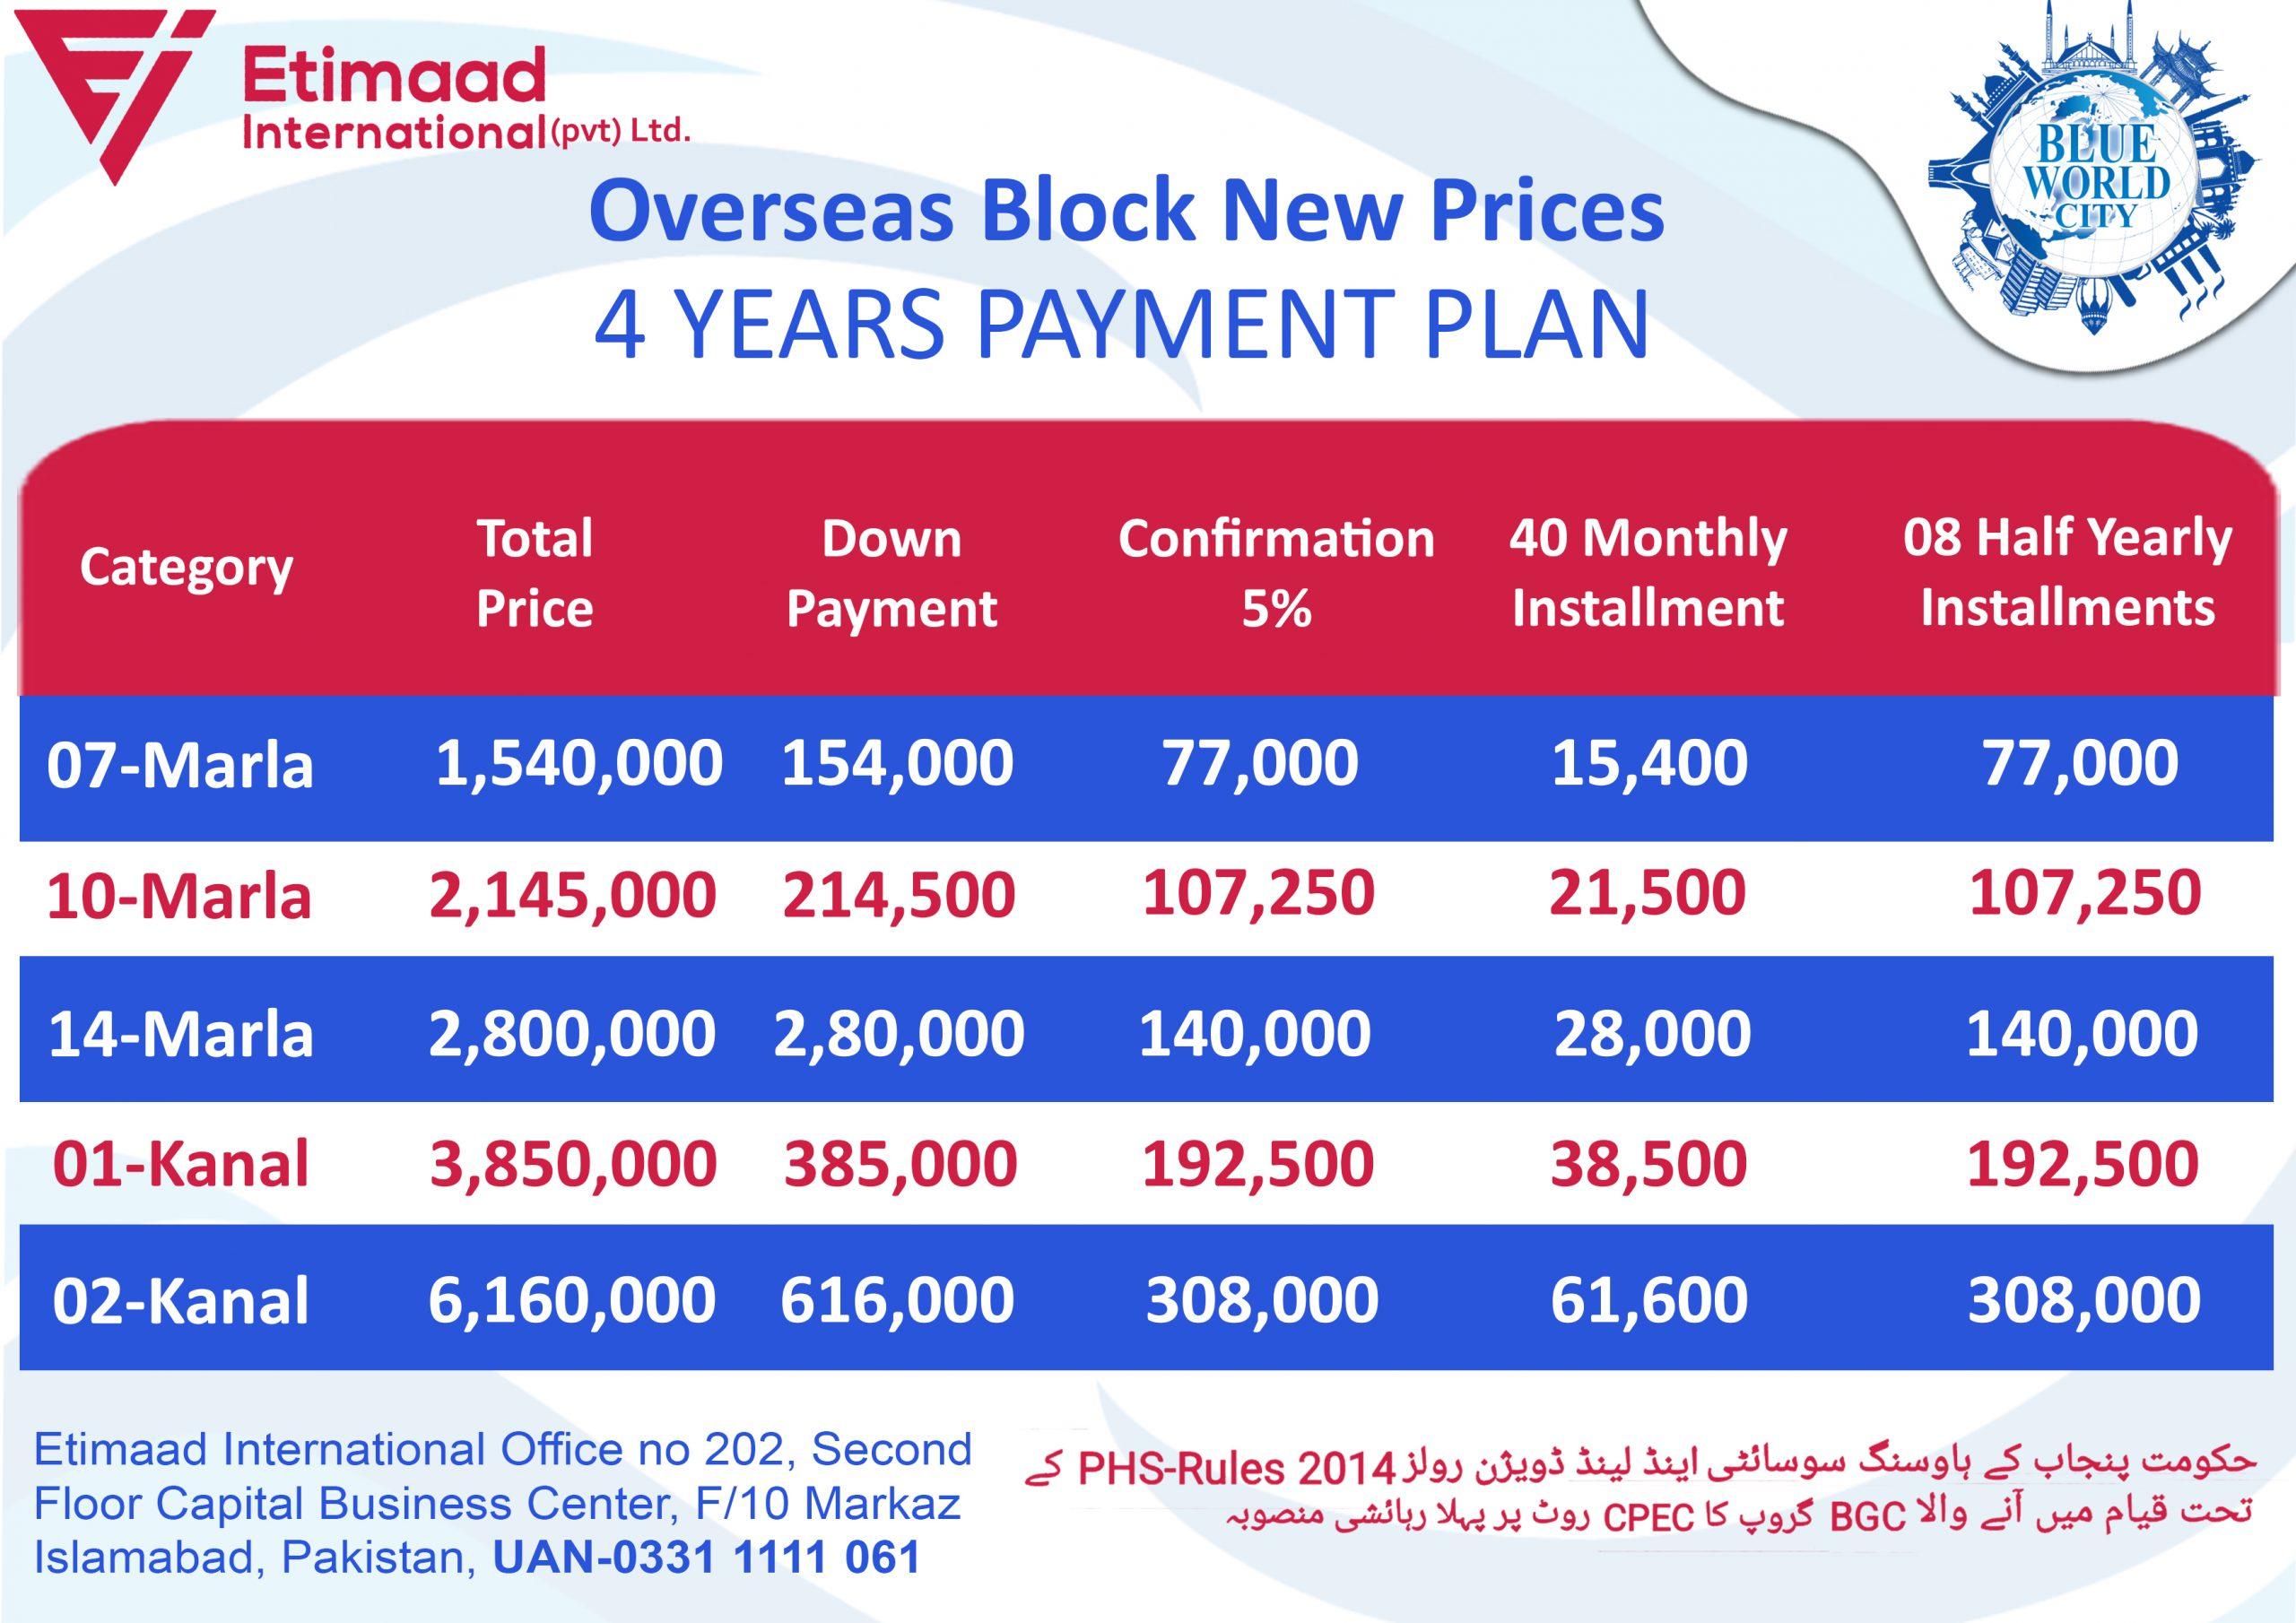 Payment Plan Overseas Block Blue World City